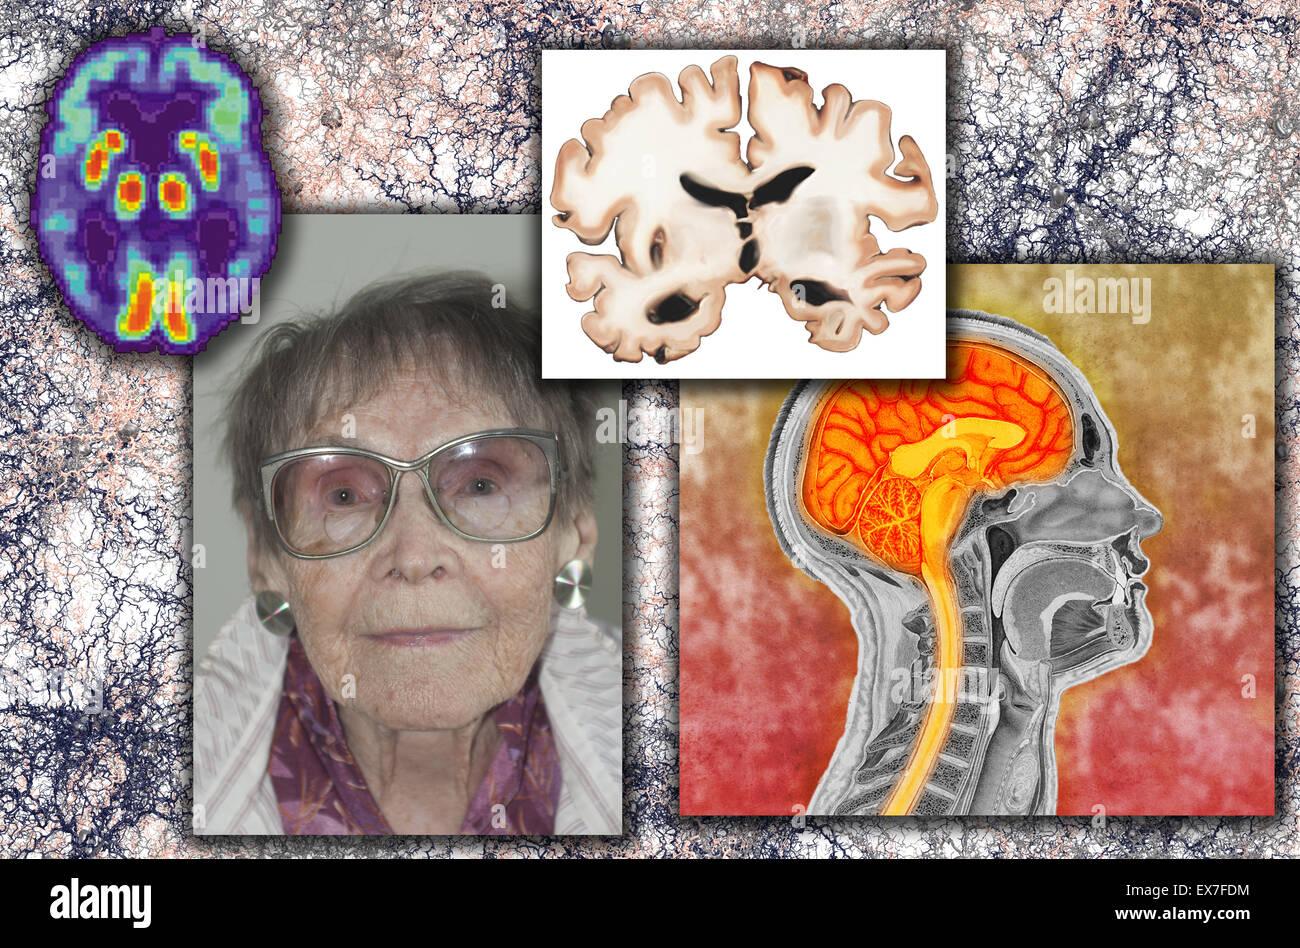 Ilustración antigua coloreada del cerebro humano Imagen De Stock